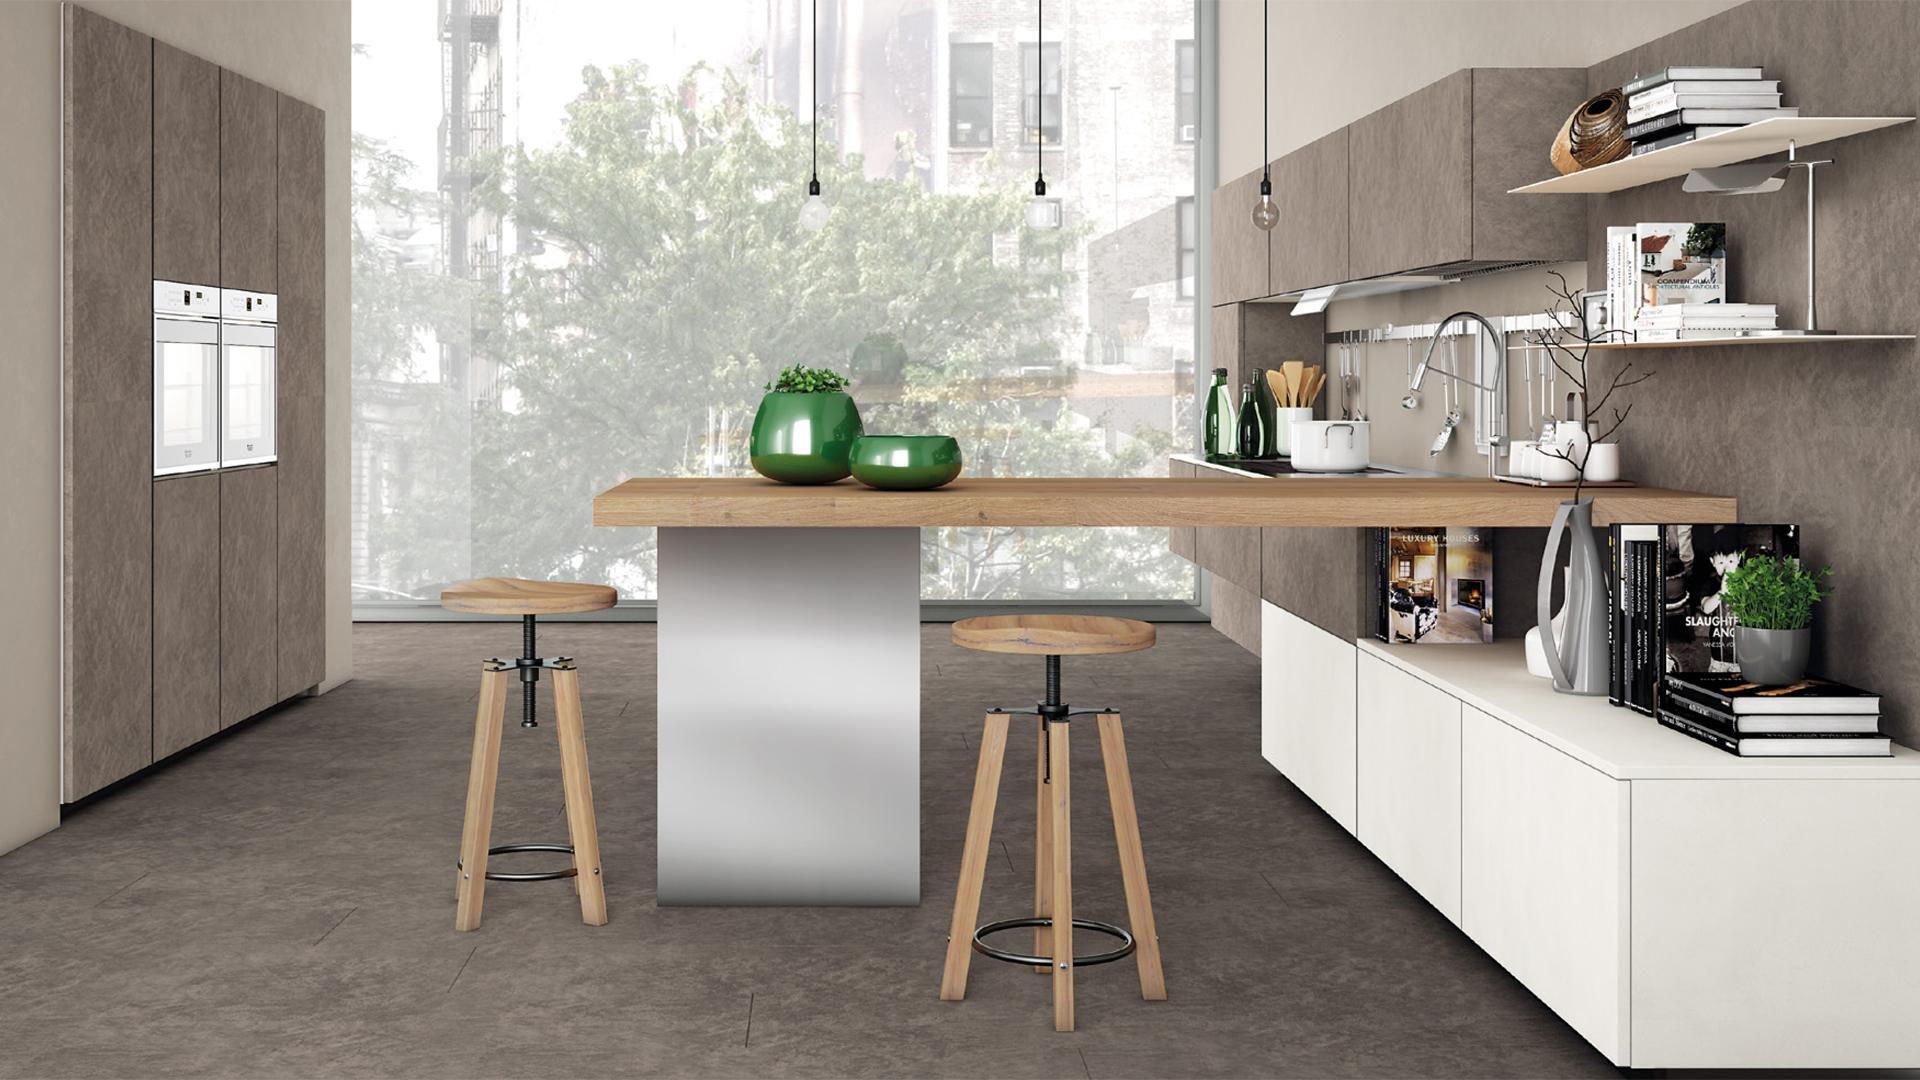 Cucina moderna / in legno / in alluminio / senza maniglie - OLTRE ...